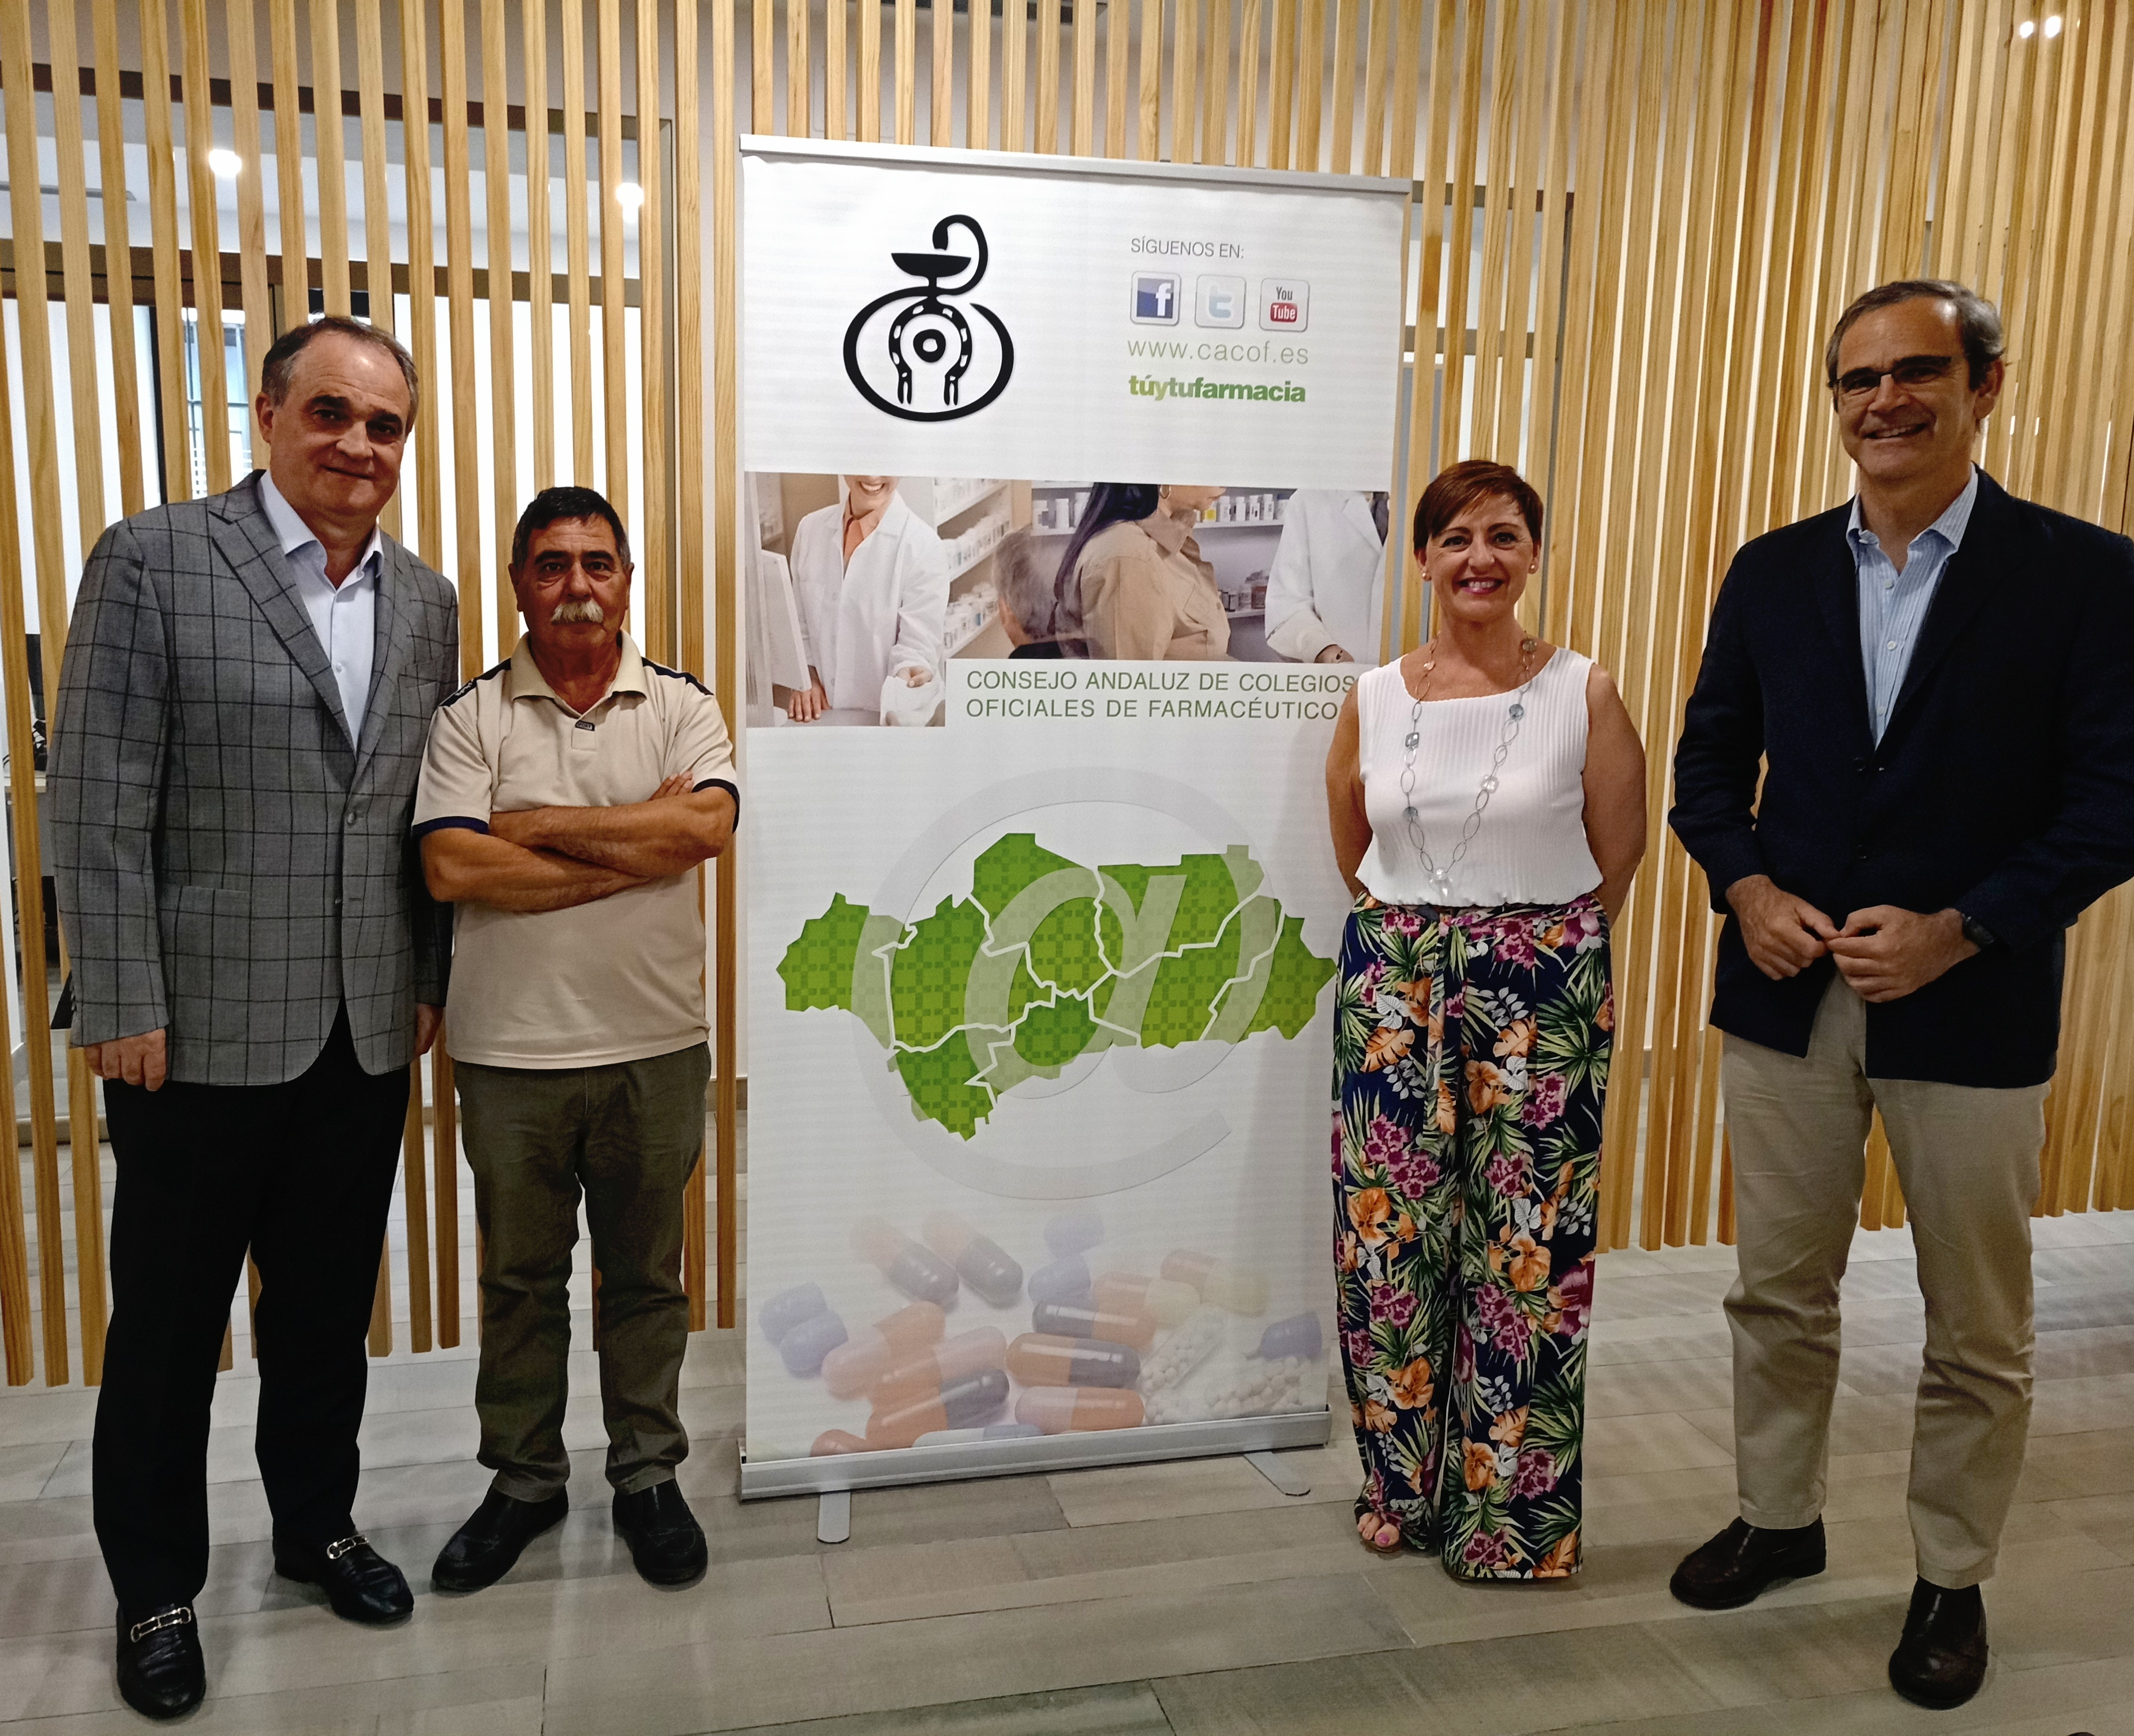 La farmacia andaluza y las asociaciones de diabéticos fomentan su colaboración para avanzar en el desarrollo de programas de atención a los pacientes con diabetes